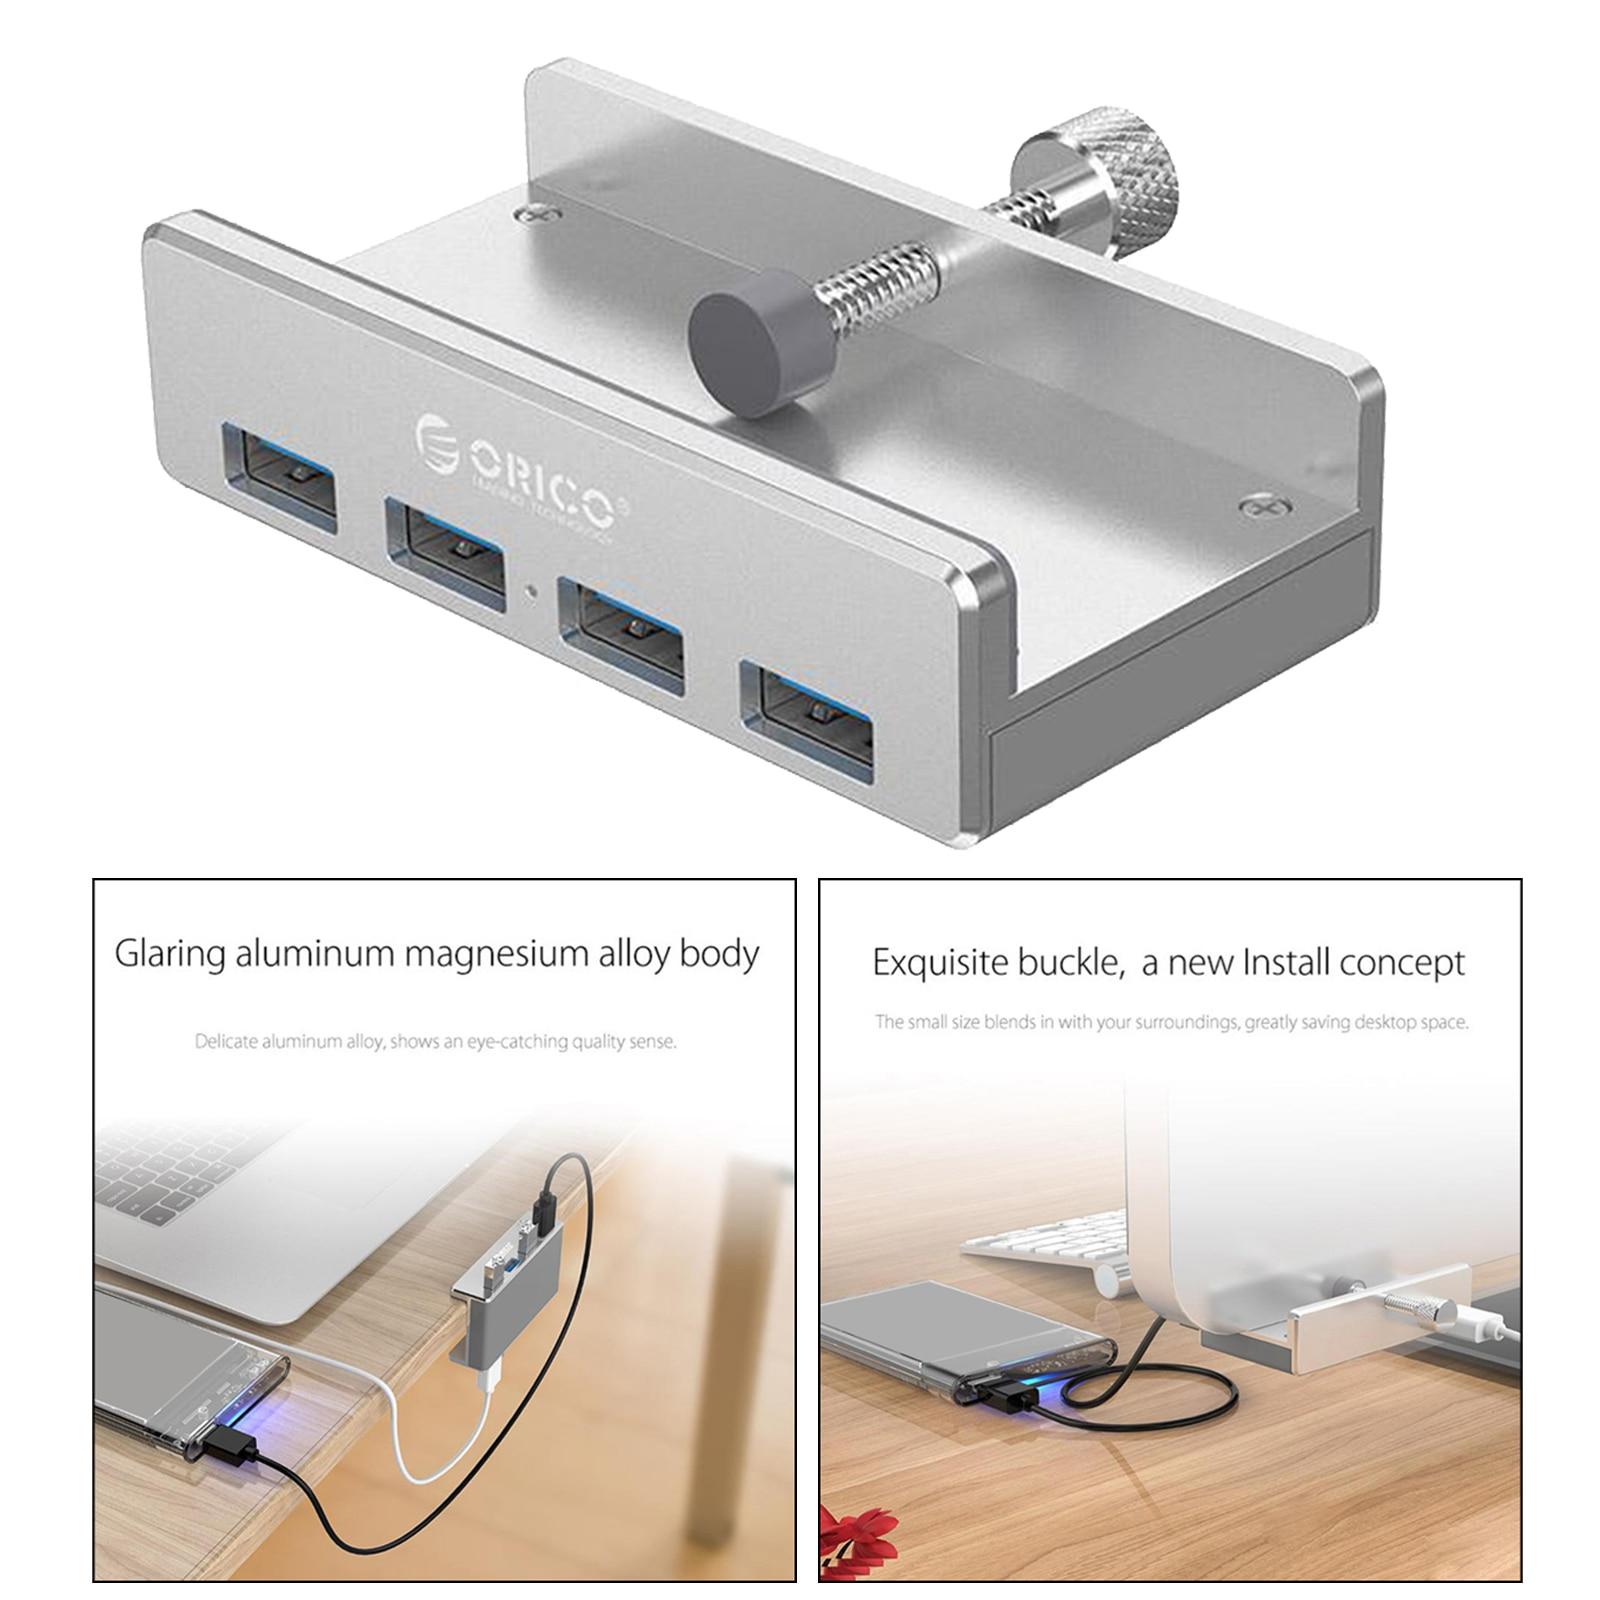 محول MH4PU معدني محمول ، موزع محور USB 3.0 ، 4 منافذ للكمبيوتر الشخصي والكمبيوتر المحمول